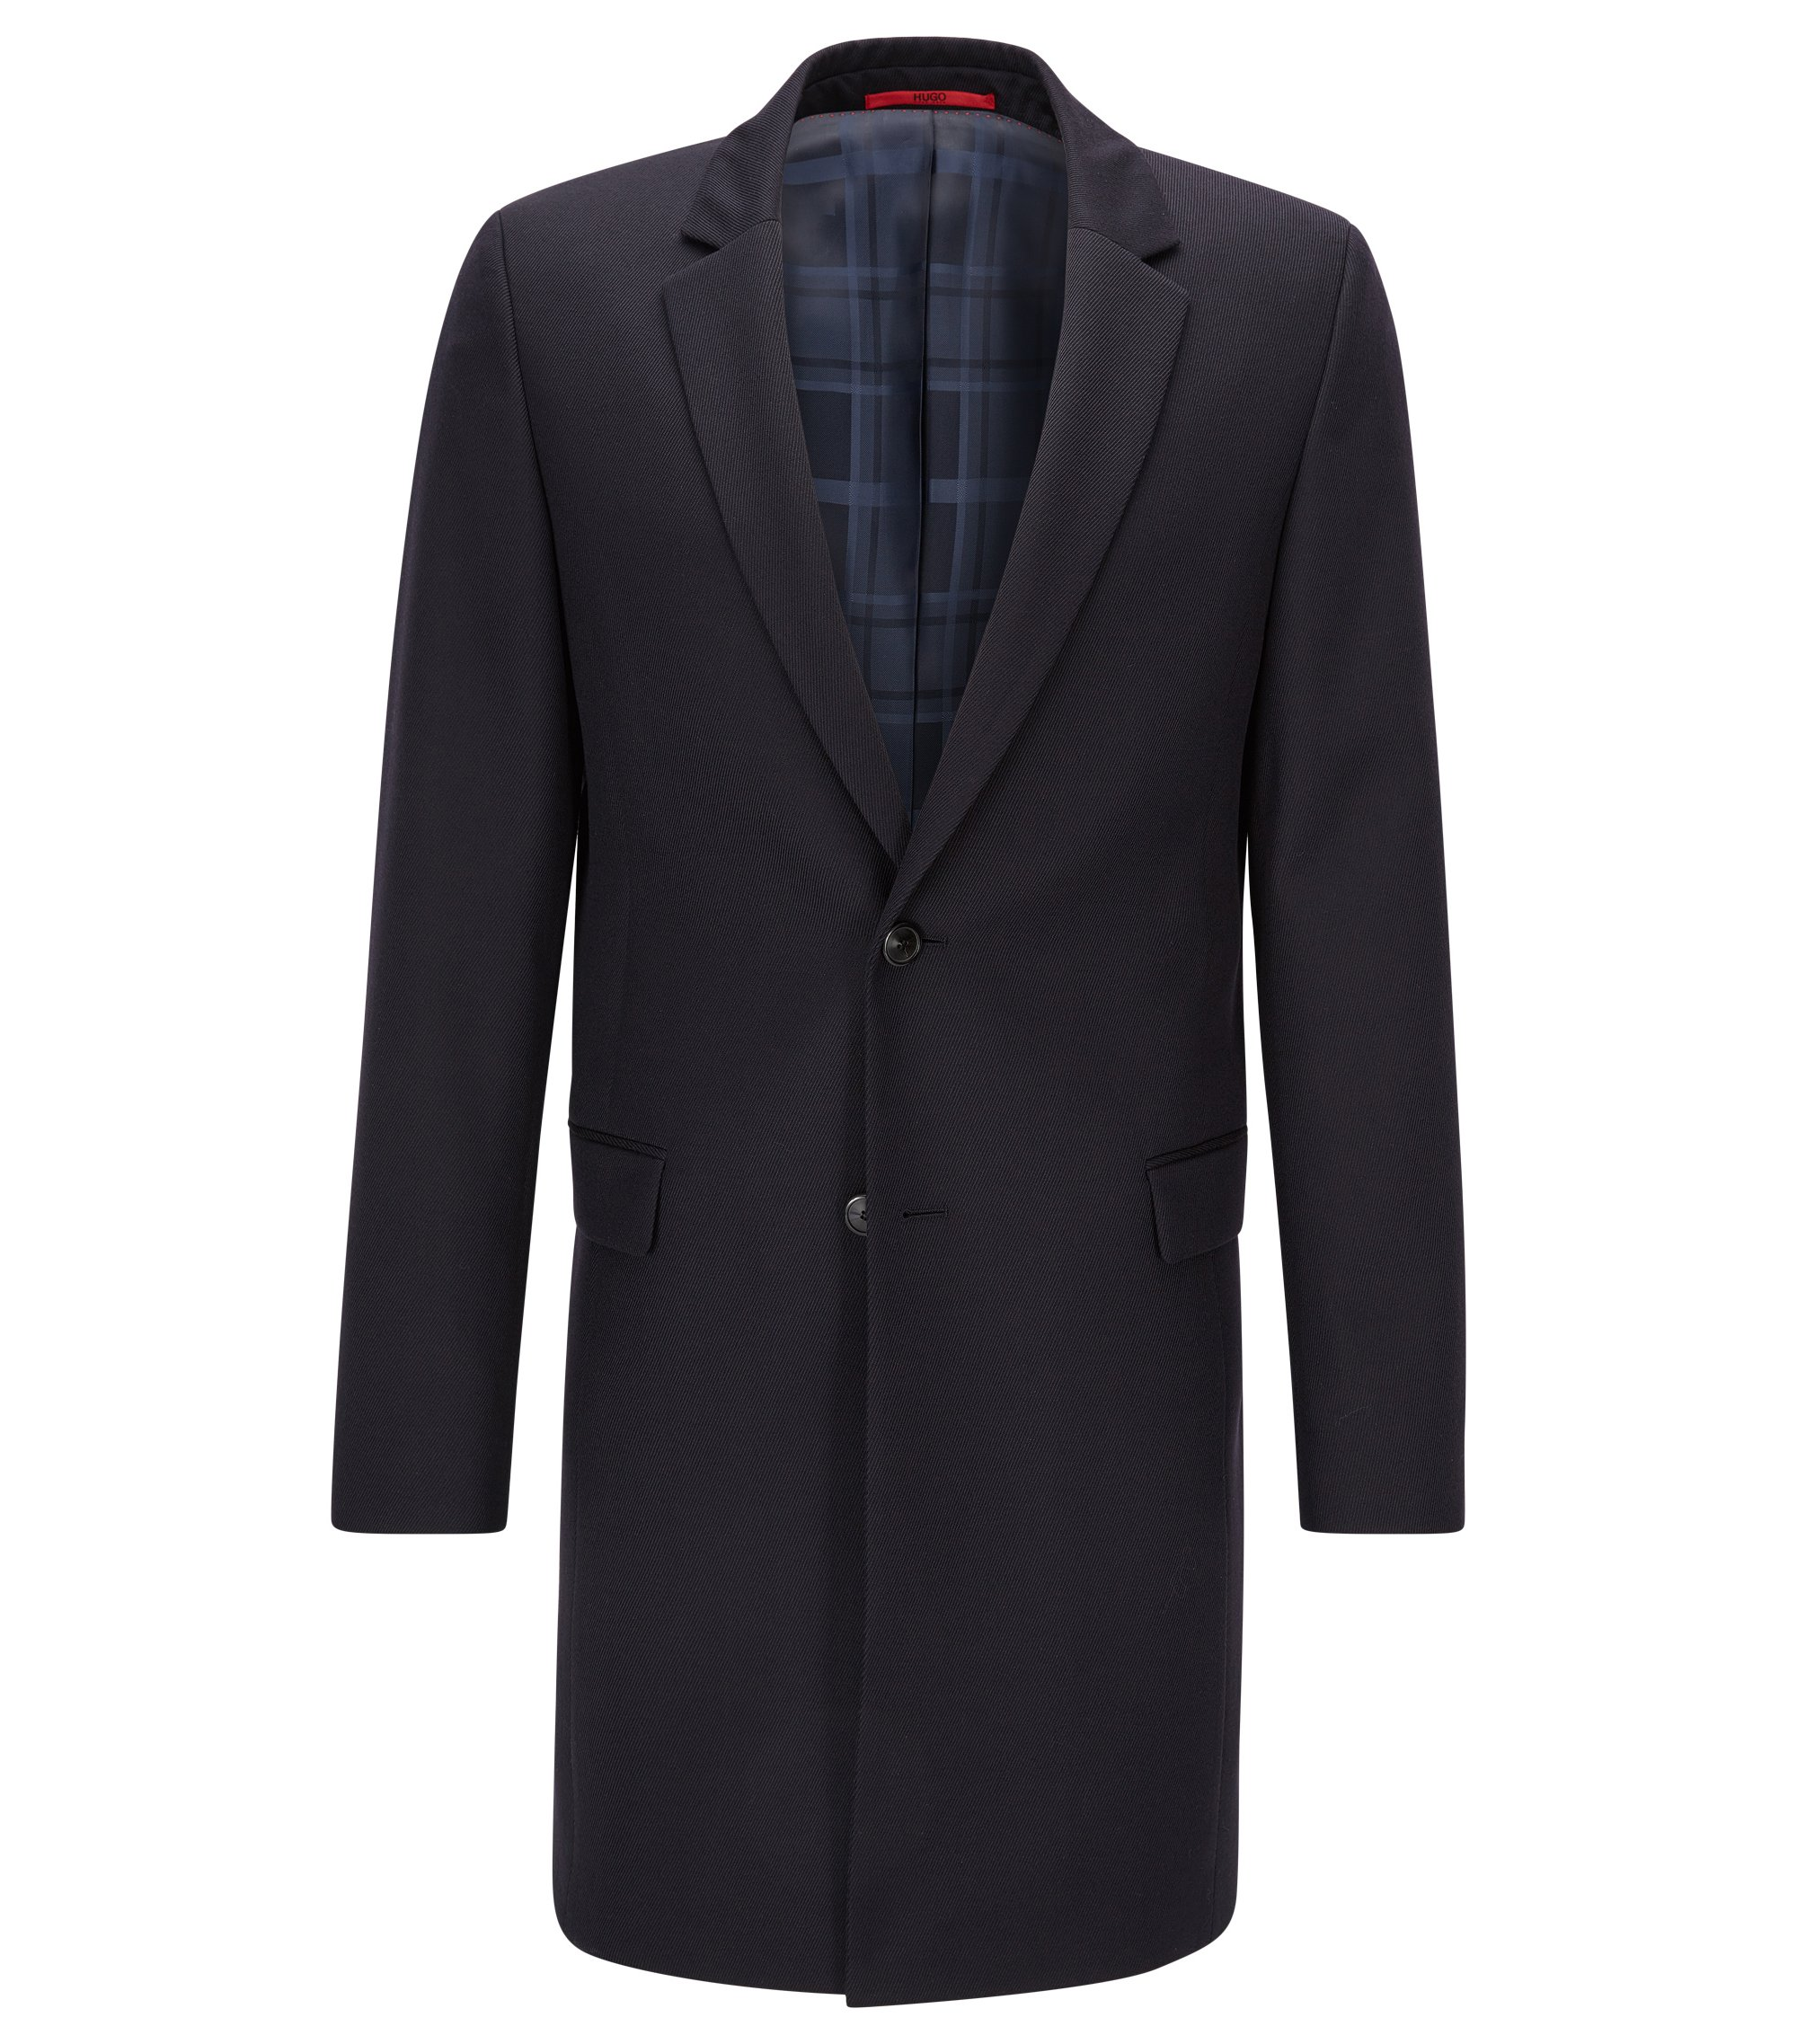 Giacca extra slim fit lunga in lana vergine con sottocollo in pelle, Blu scuro